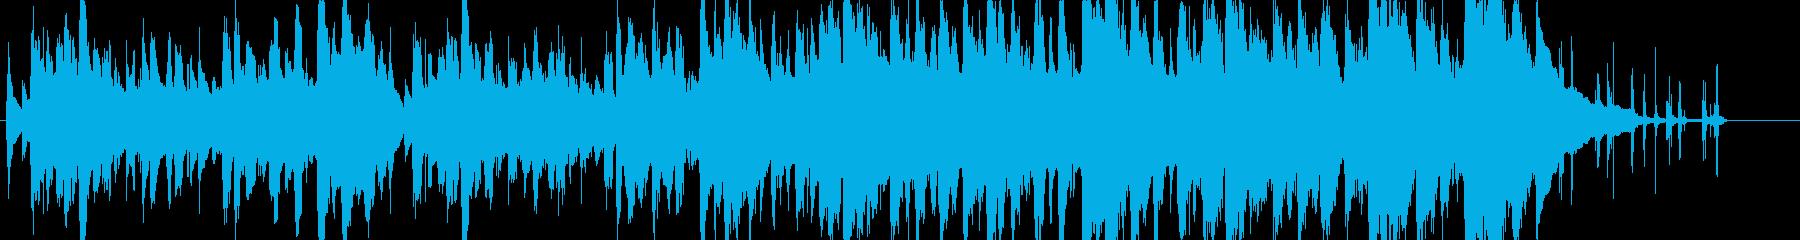 ジングル - のんびり牧歌的の再生済みの波形